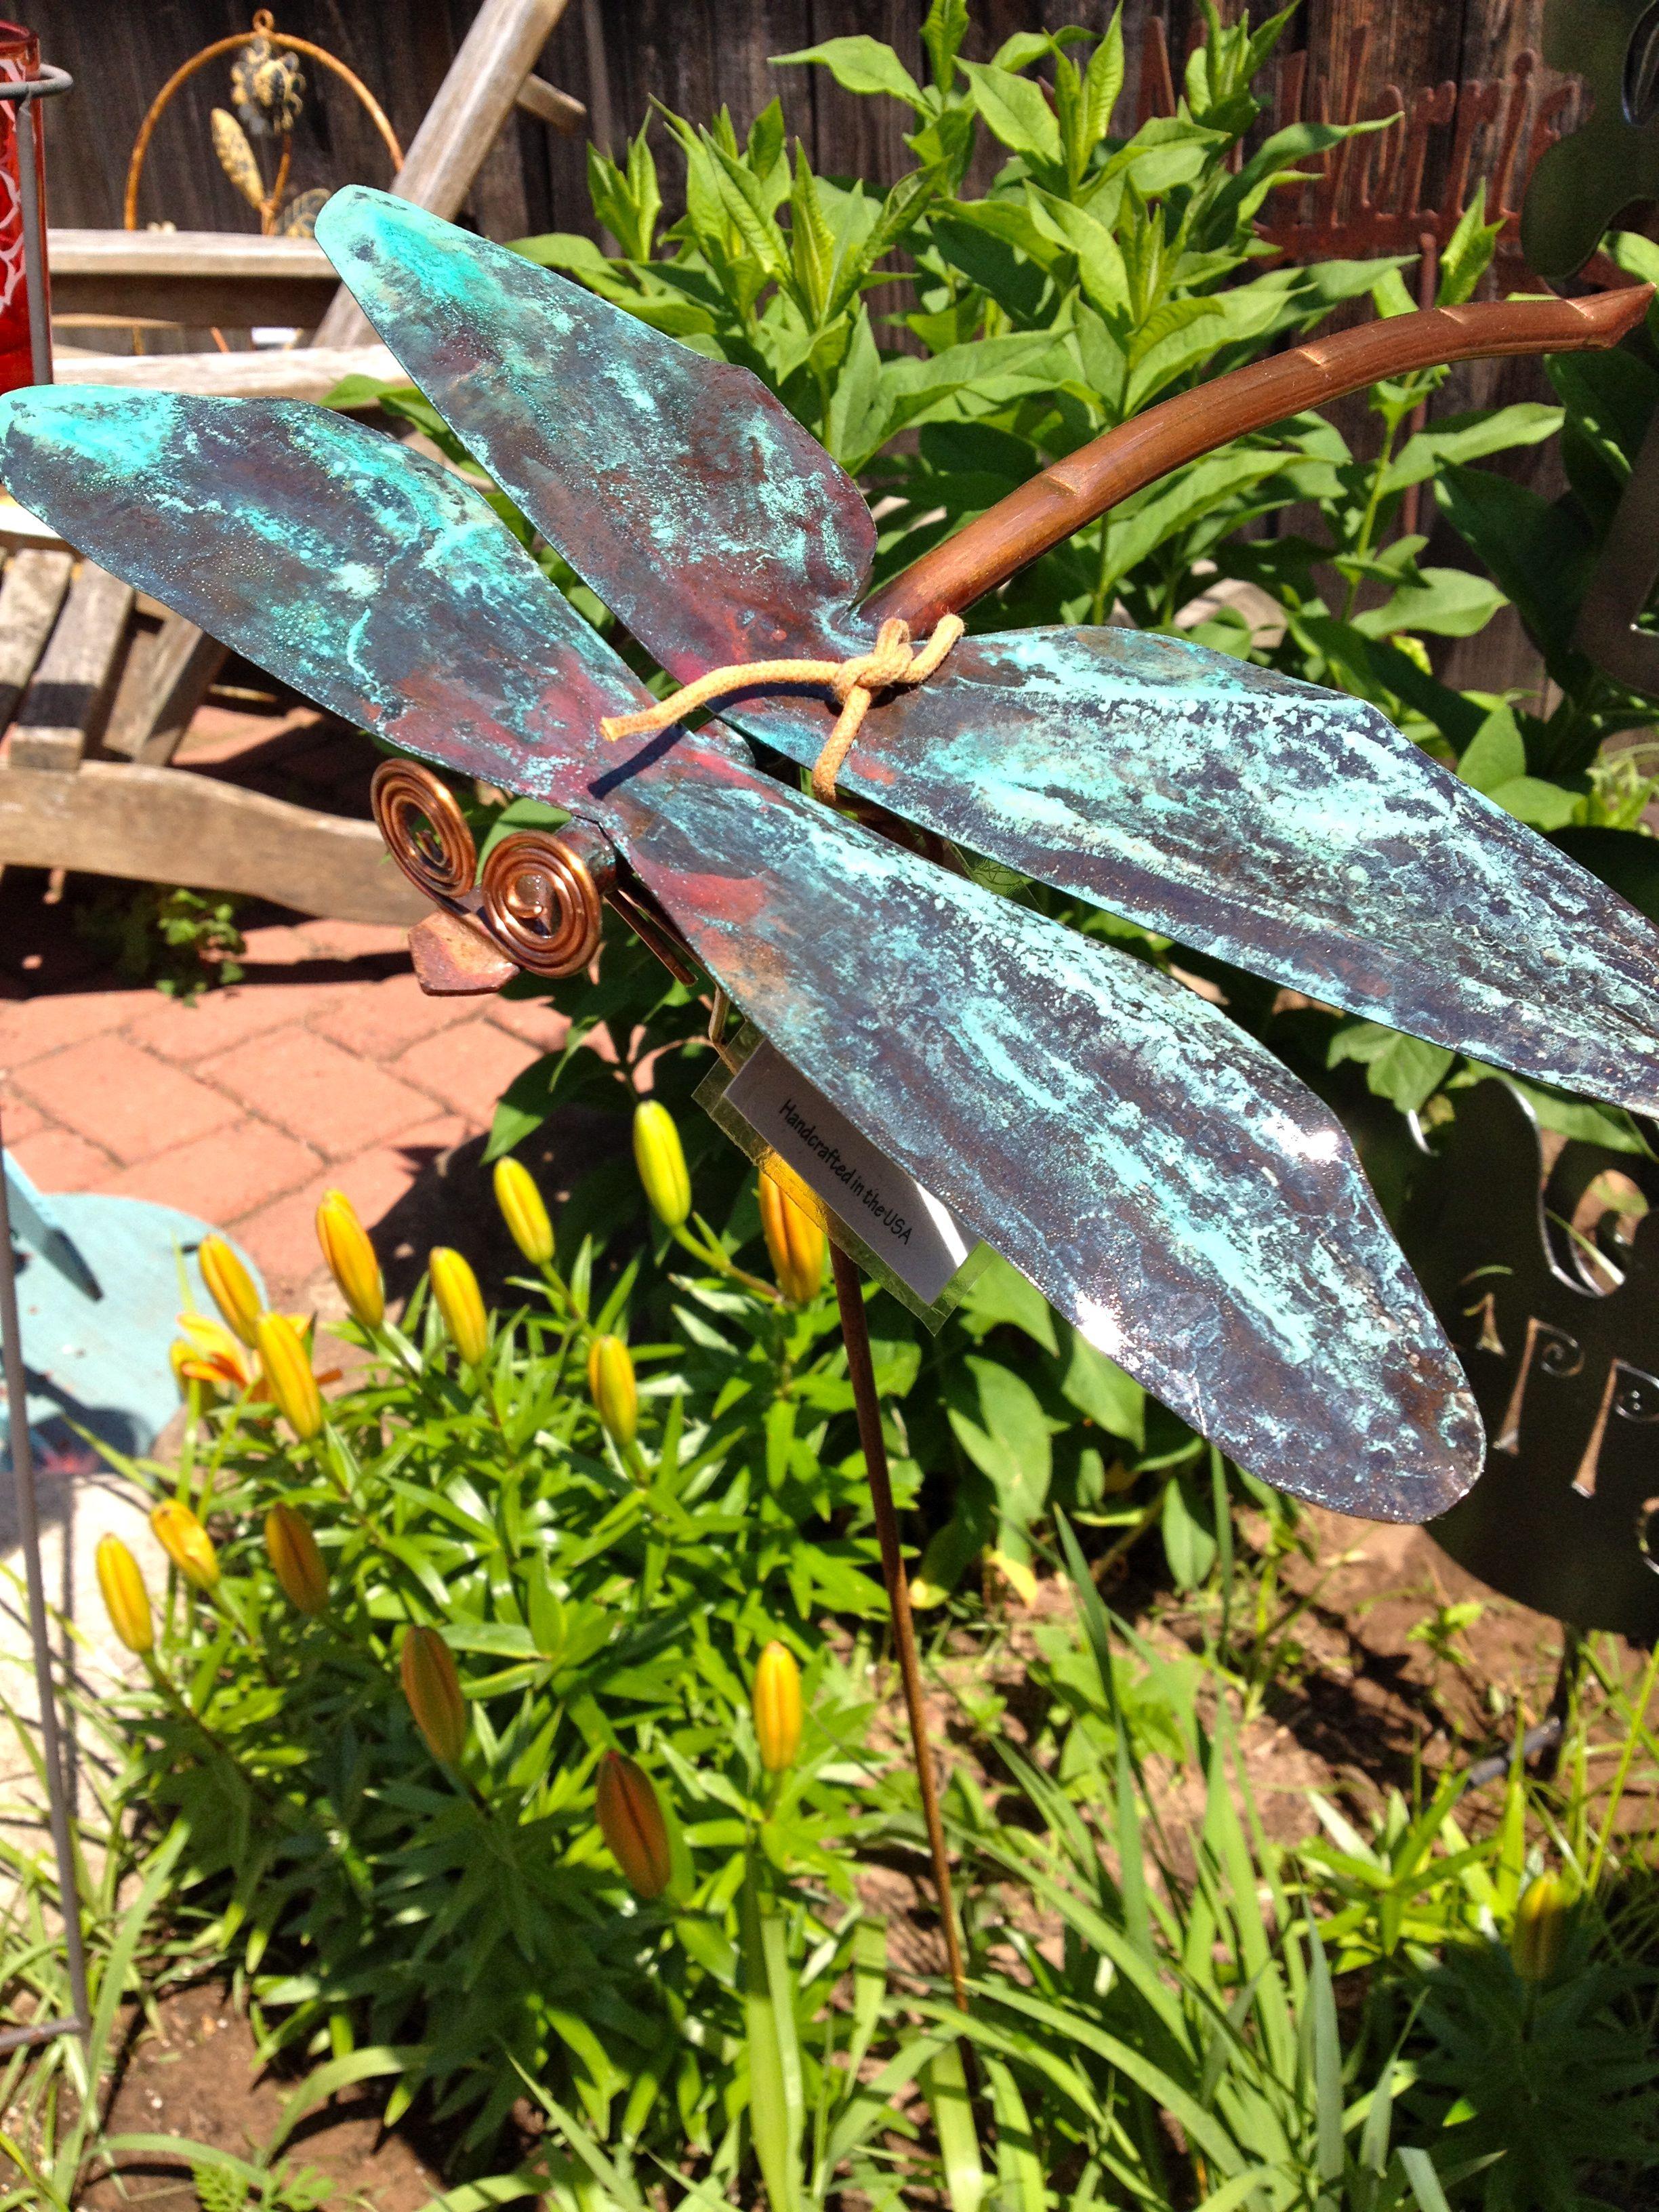 Garden art | Dragonfly 7 | Pinterest | Garden art, Gardens and ...